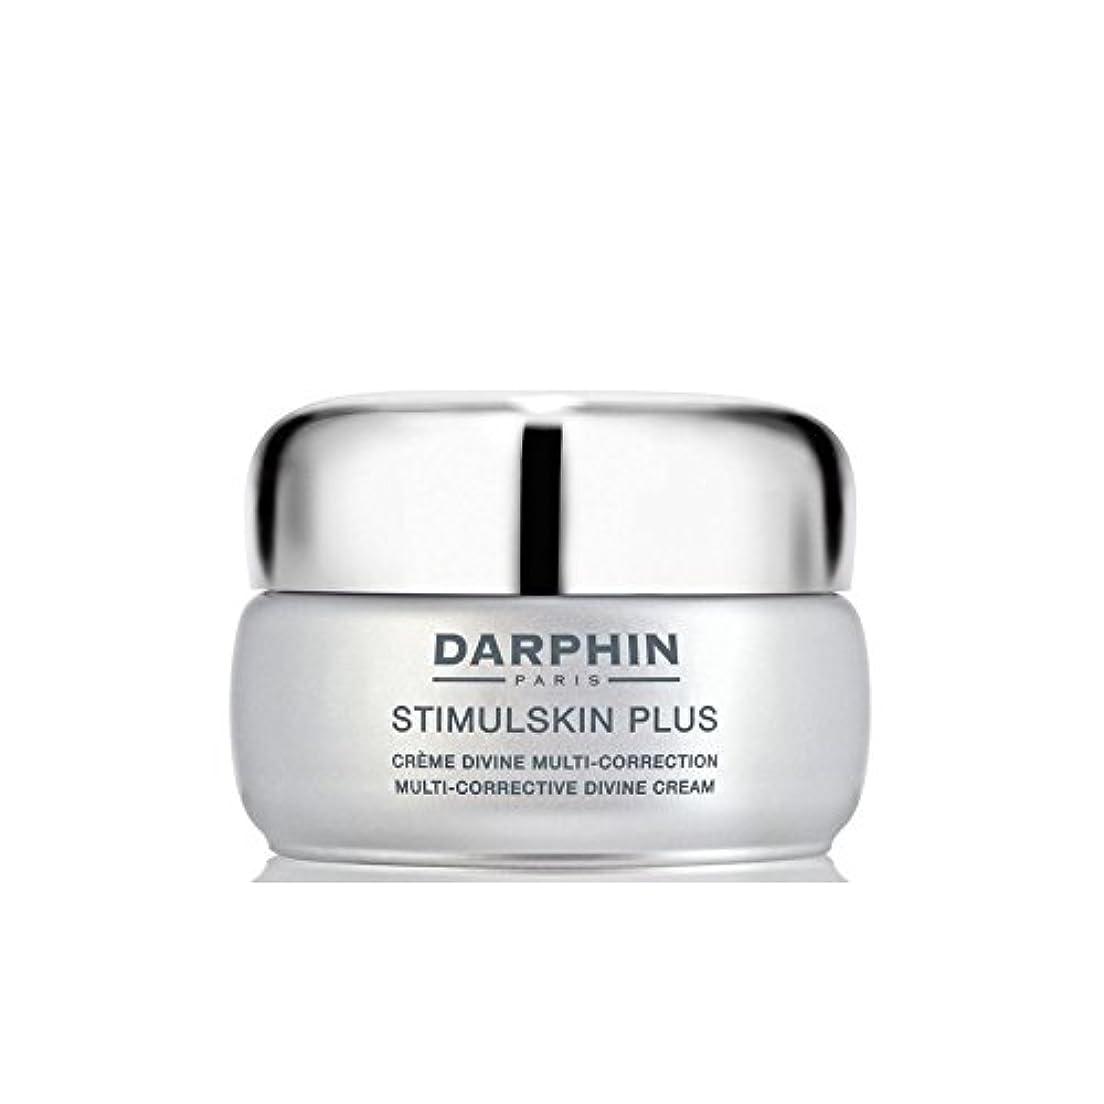 恩恵不機嫌そうな一握りダルファンスティプラスマルチ是正神クリーム - 豊富 x2 - Darphin Stimulskin Plus Multi-Corrective Divine Cream - Rich (Pack of 2) [並行輸入品]